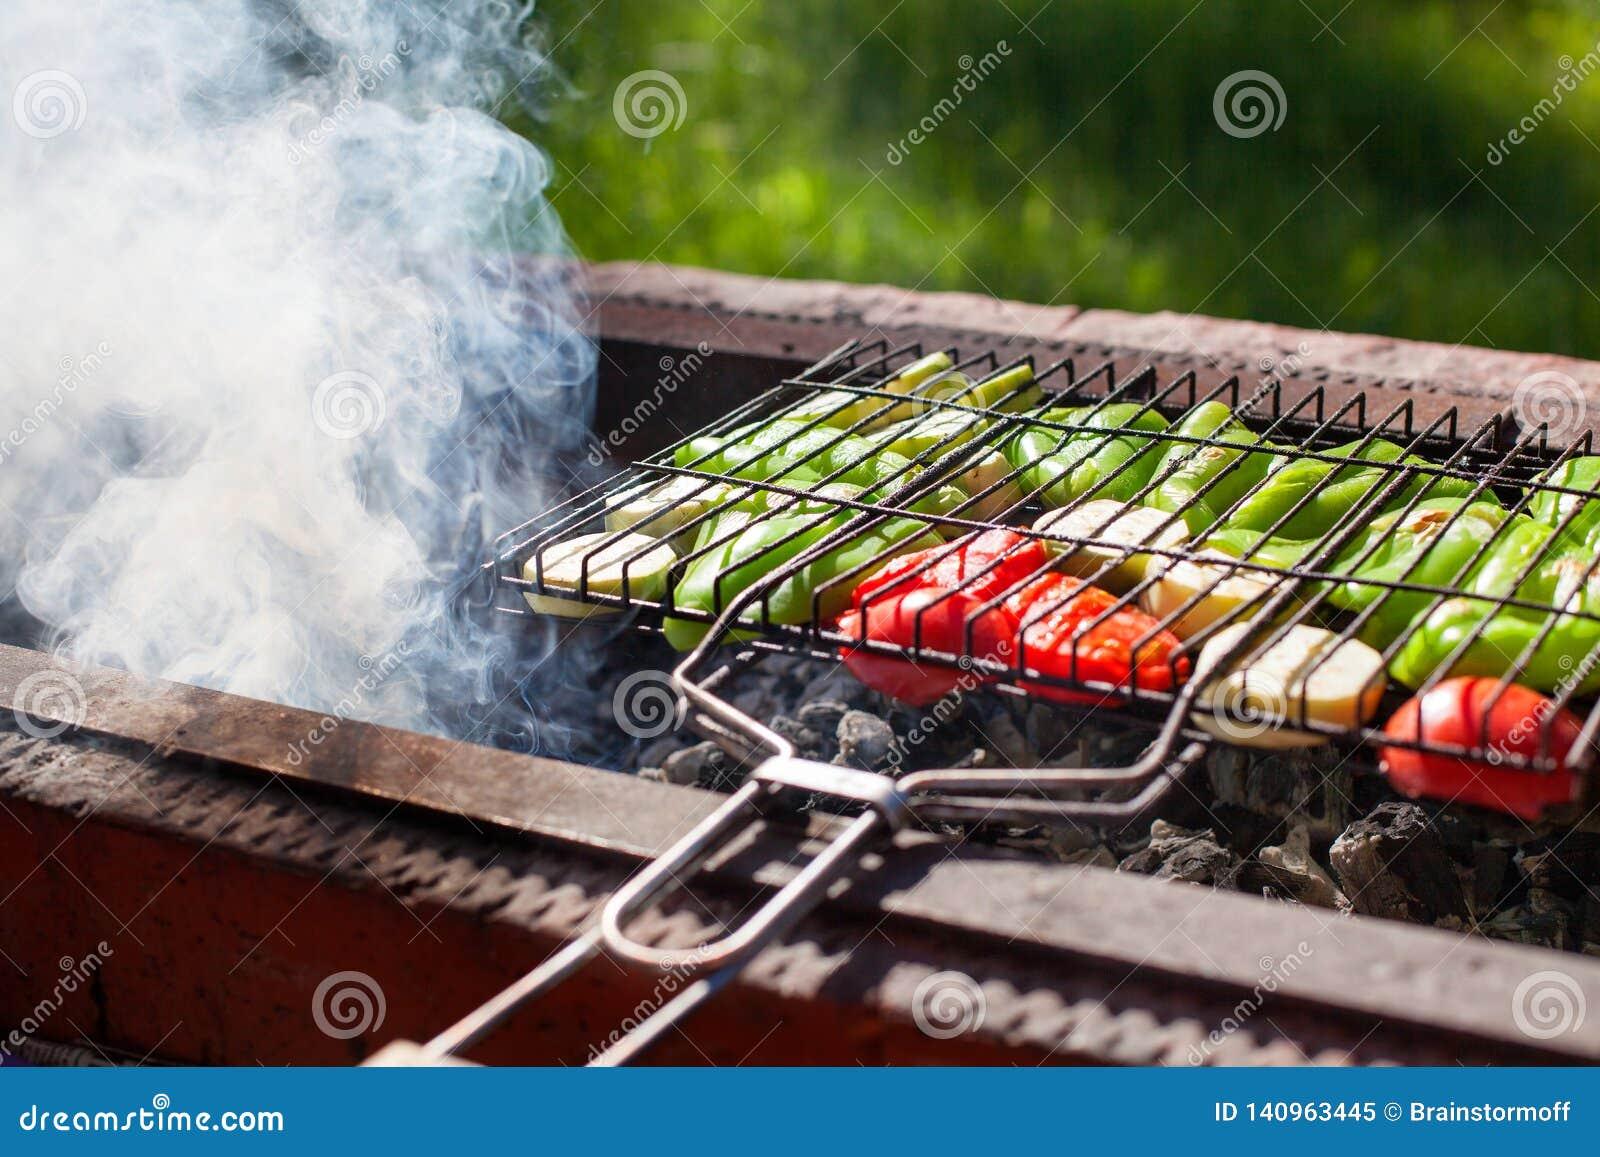 Vegetais roasted na grade no carvão vegetal, fumo do fogo, natureza, fundo da grama verde, pimentas verdes, abobrinha, tomates ve